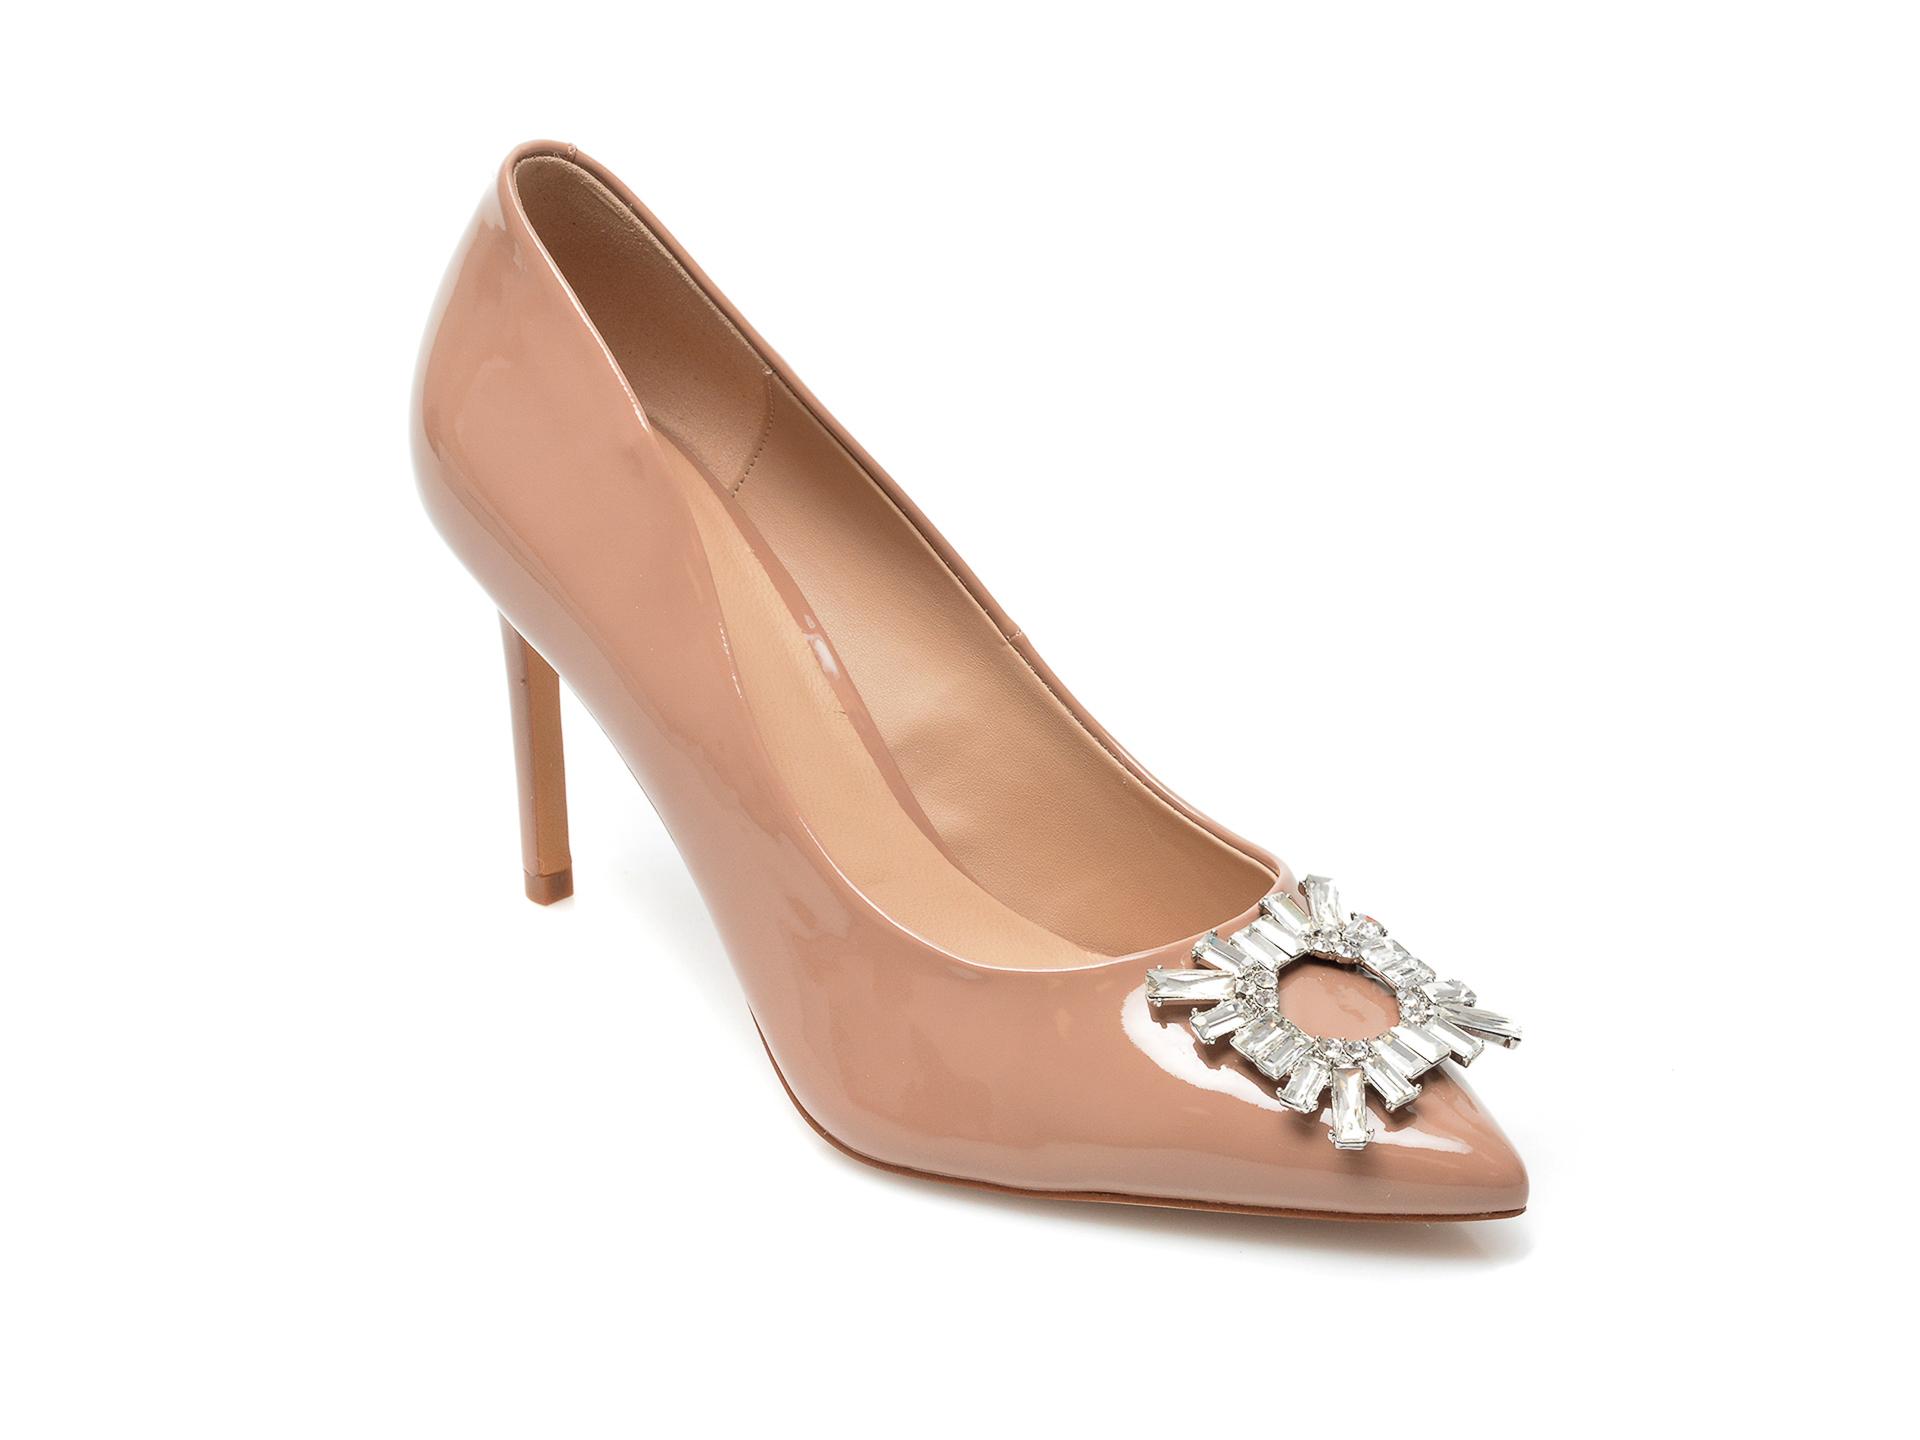 Pantofi ALDO nude, Mahara270, din piele ecologica imagine otter.ro